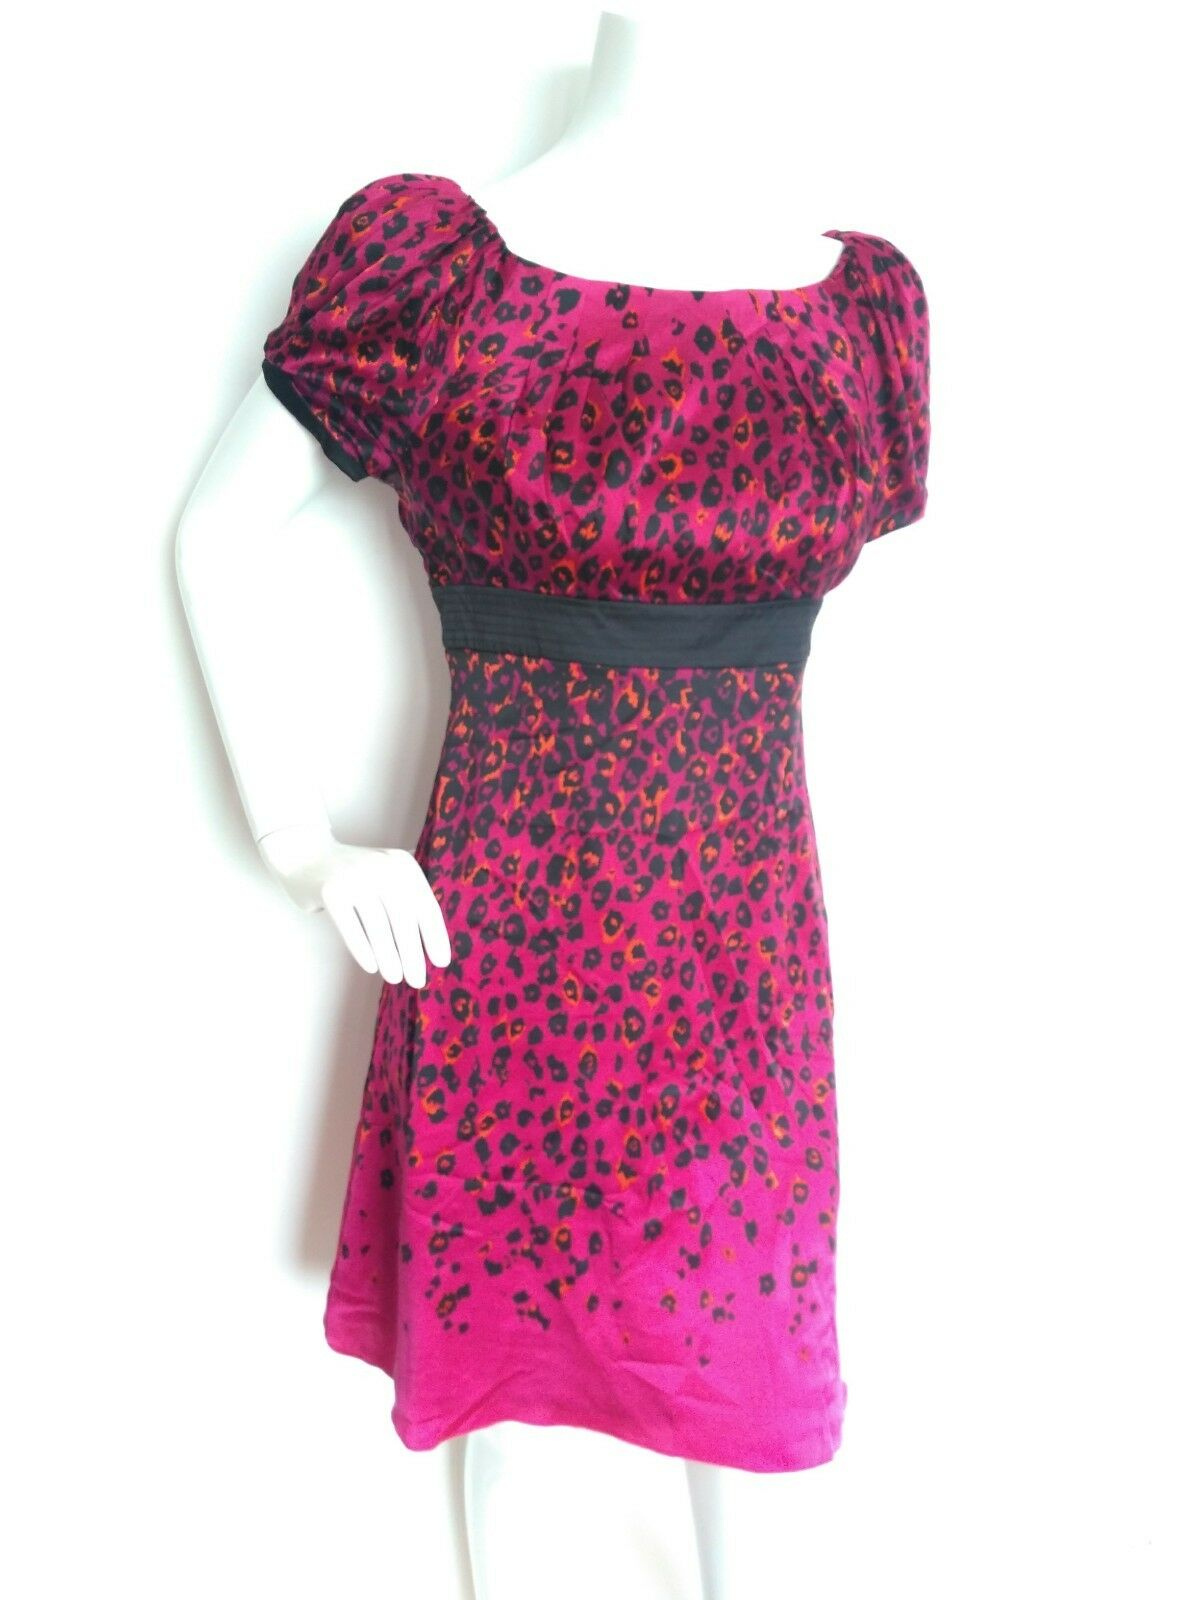 Diseñador De Seda con Estampado de de de Leopardo de Karen Millen Vestido Talla 12 -- nuevo -- detalle de arco 6522e0